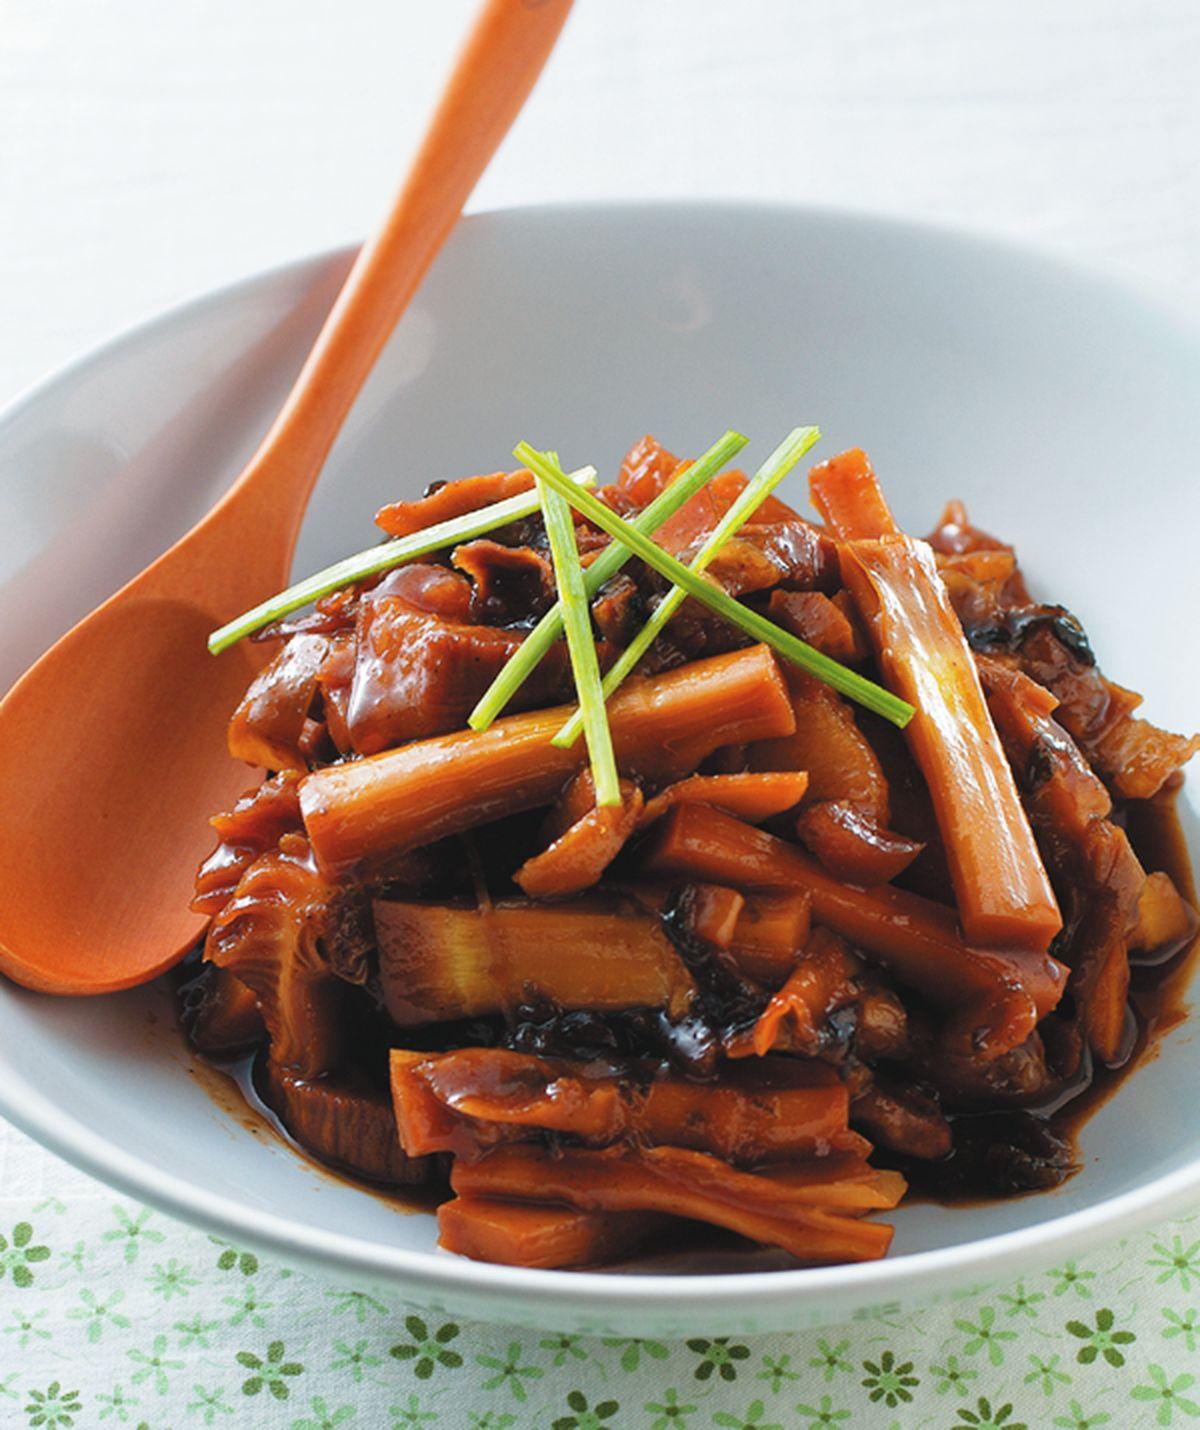 食譜:桂竹筍滷梅乾菜